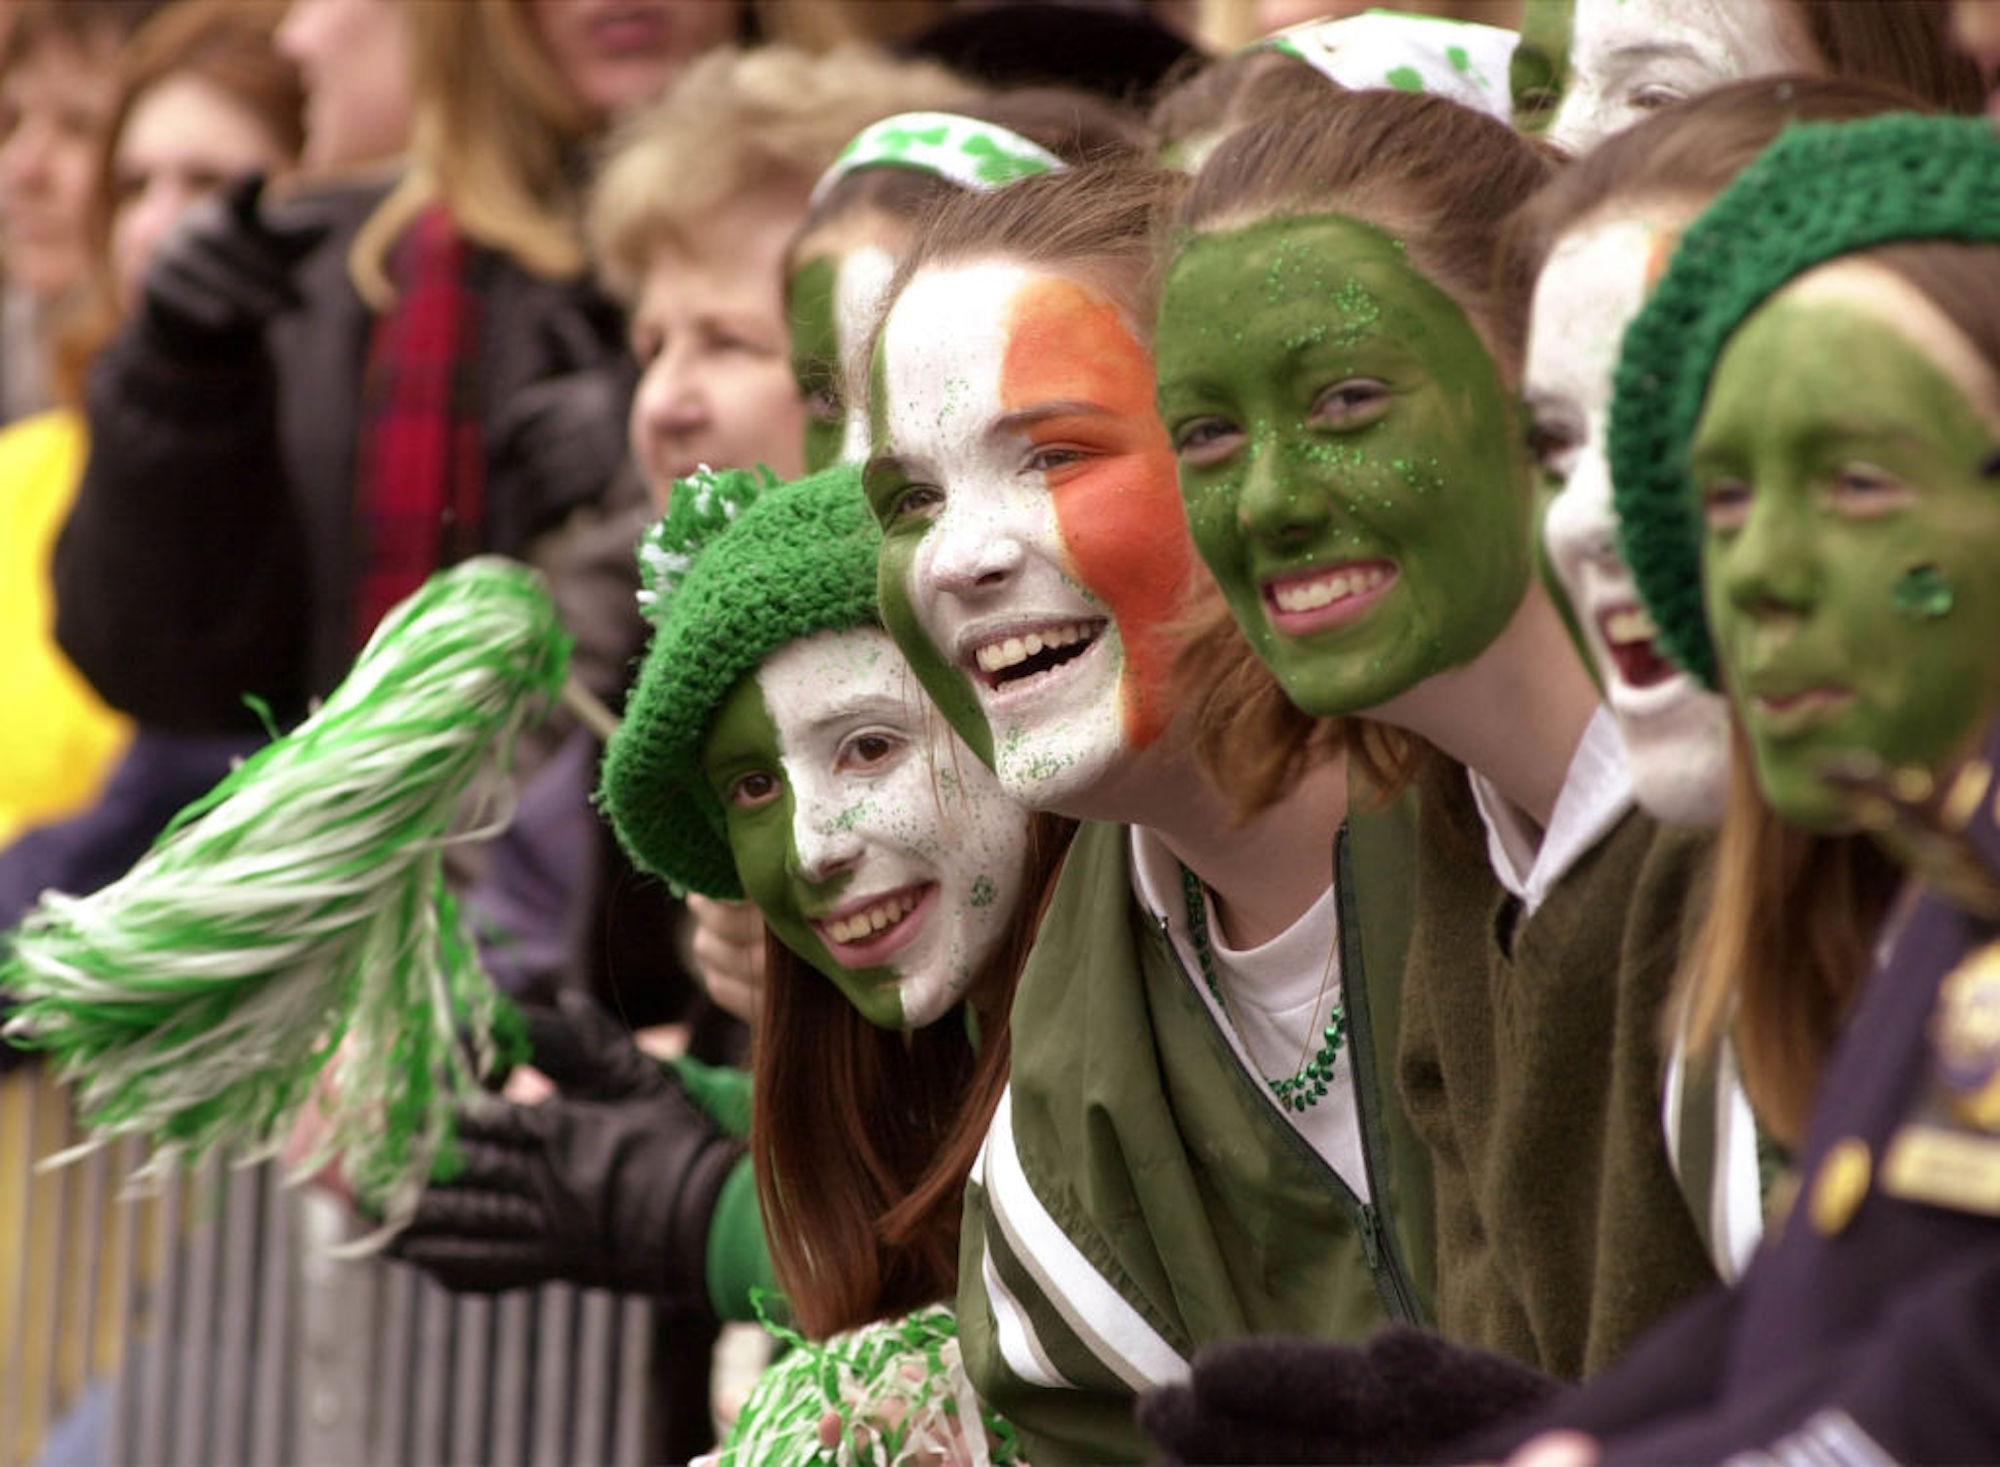 Día de San Patricio: por qué tomar cerveza y usar ropa verde